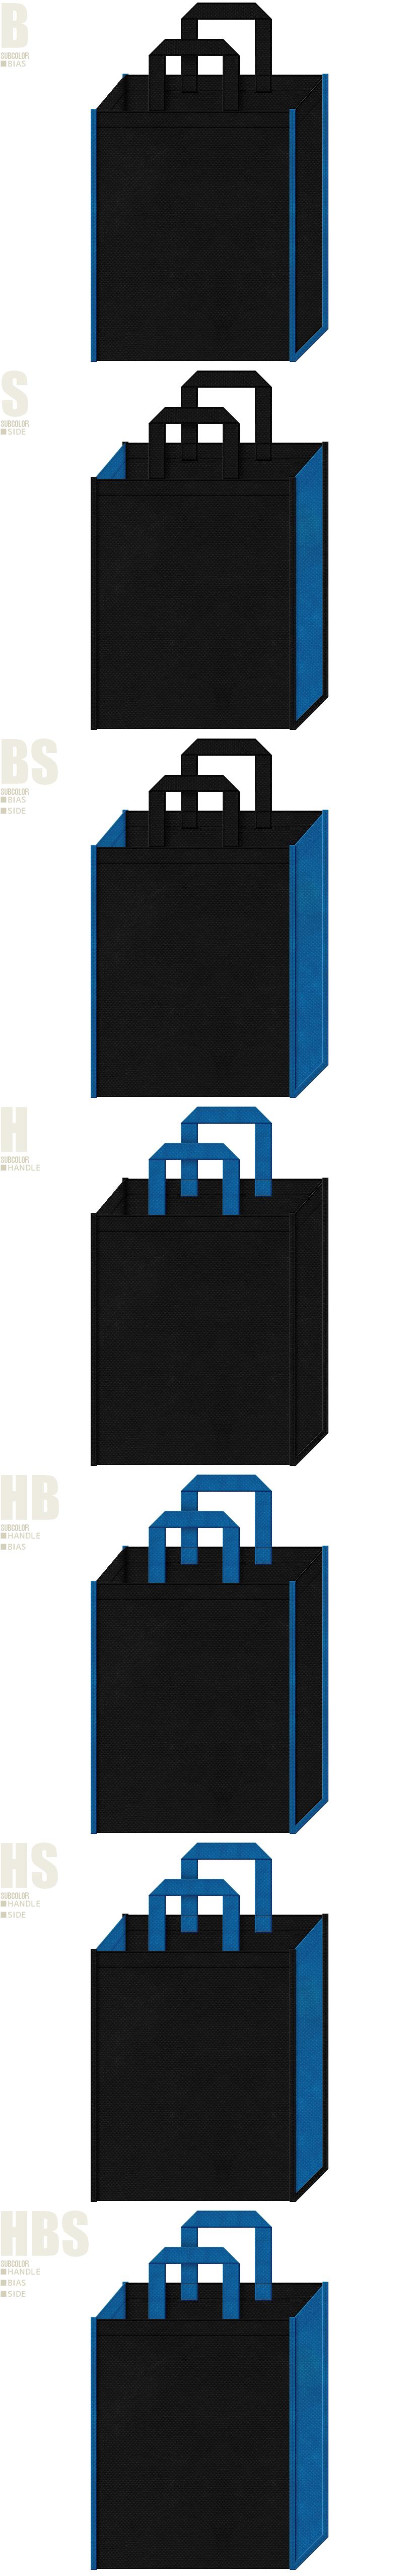 黒色と青色、7パターンの不織布トートバッグ配色デザイン例。カー用品・照明器具の展示会用バッグにお奨めです。LEDのイメージ。